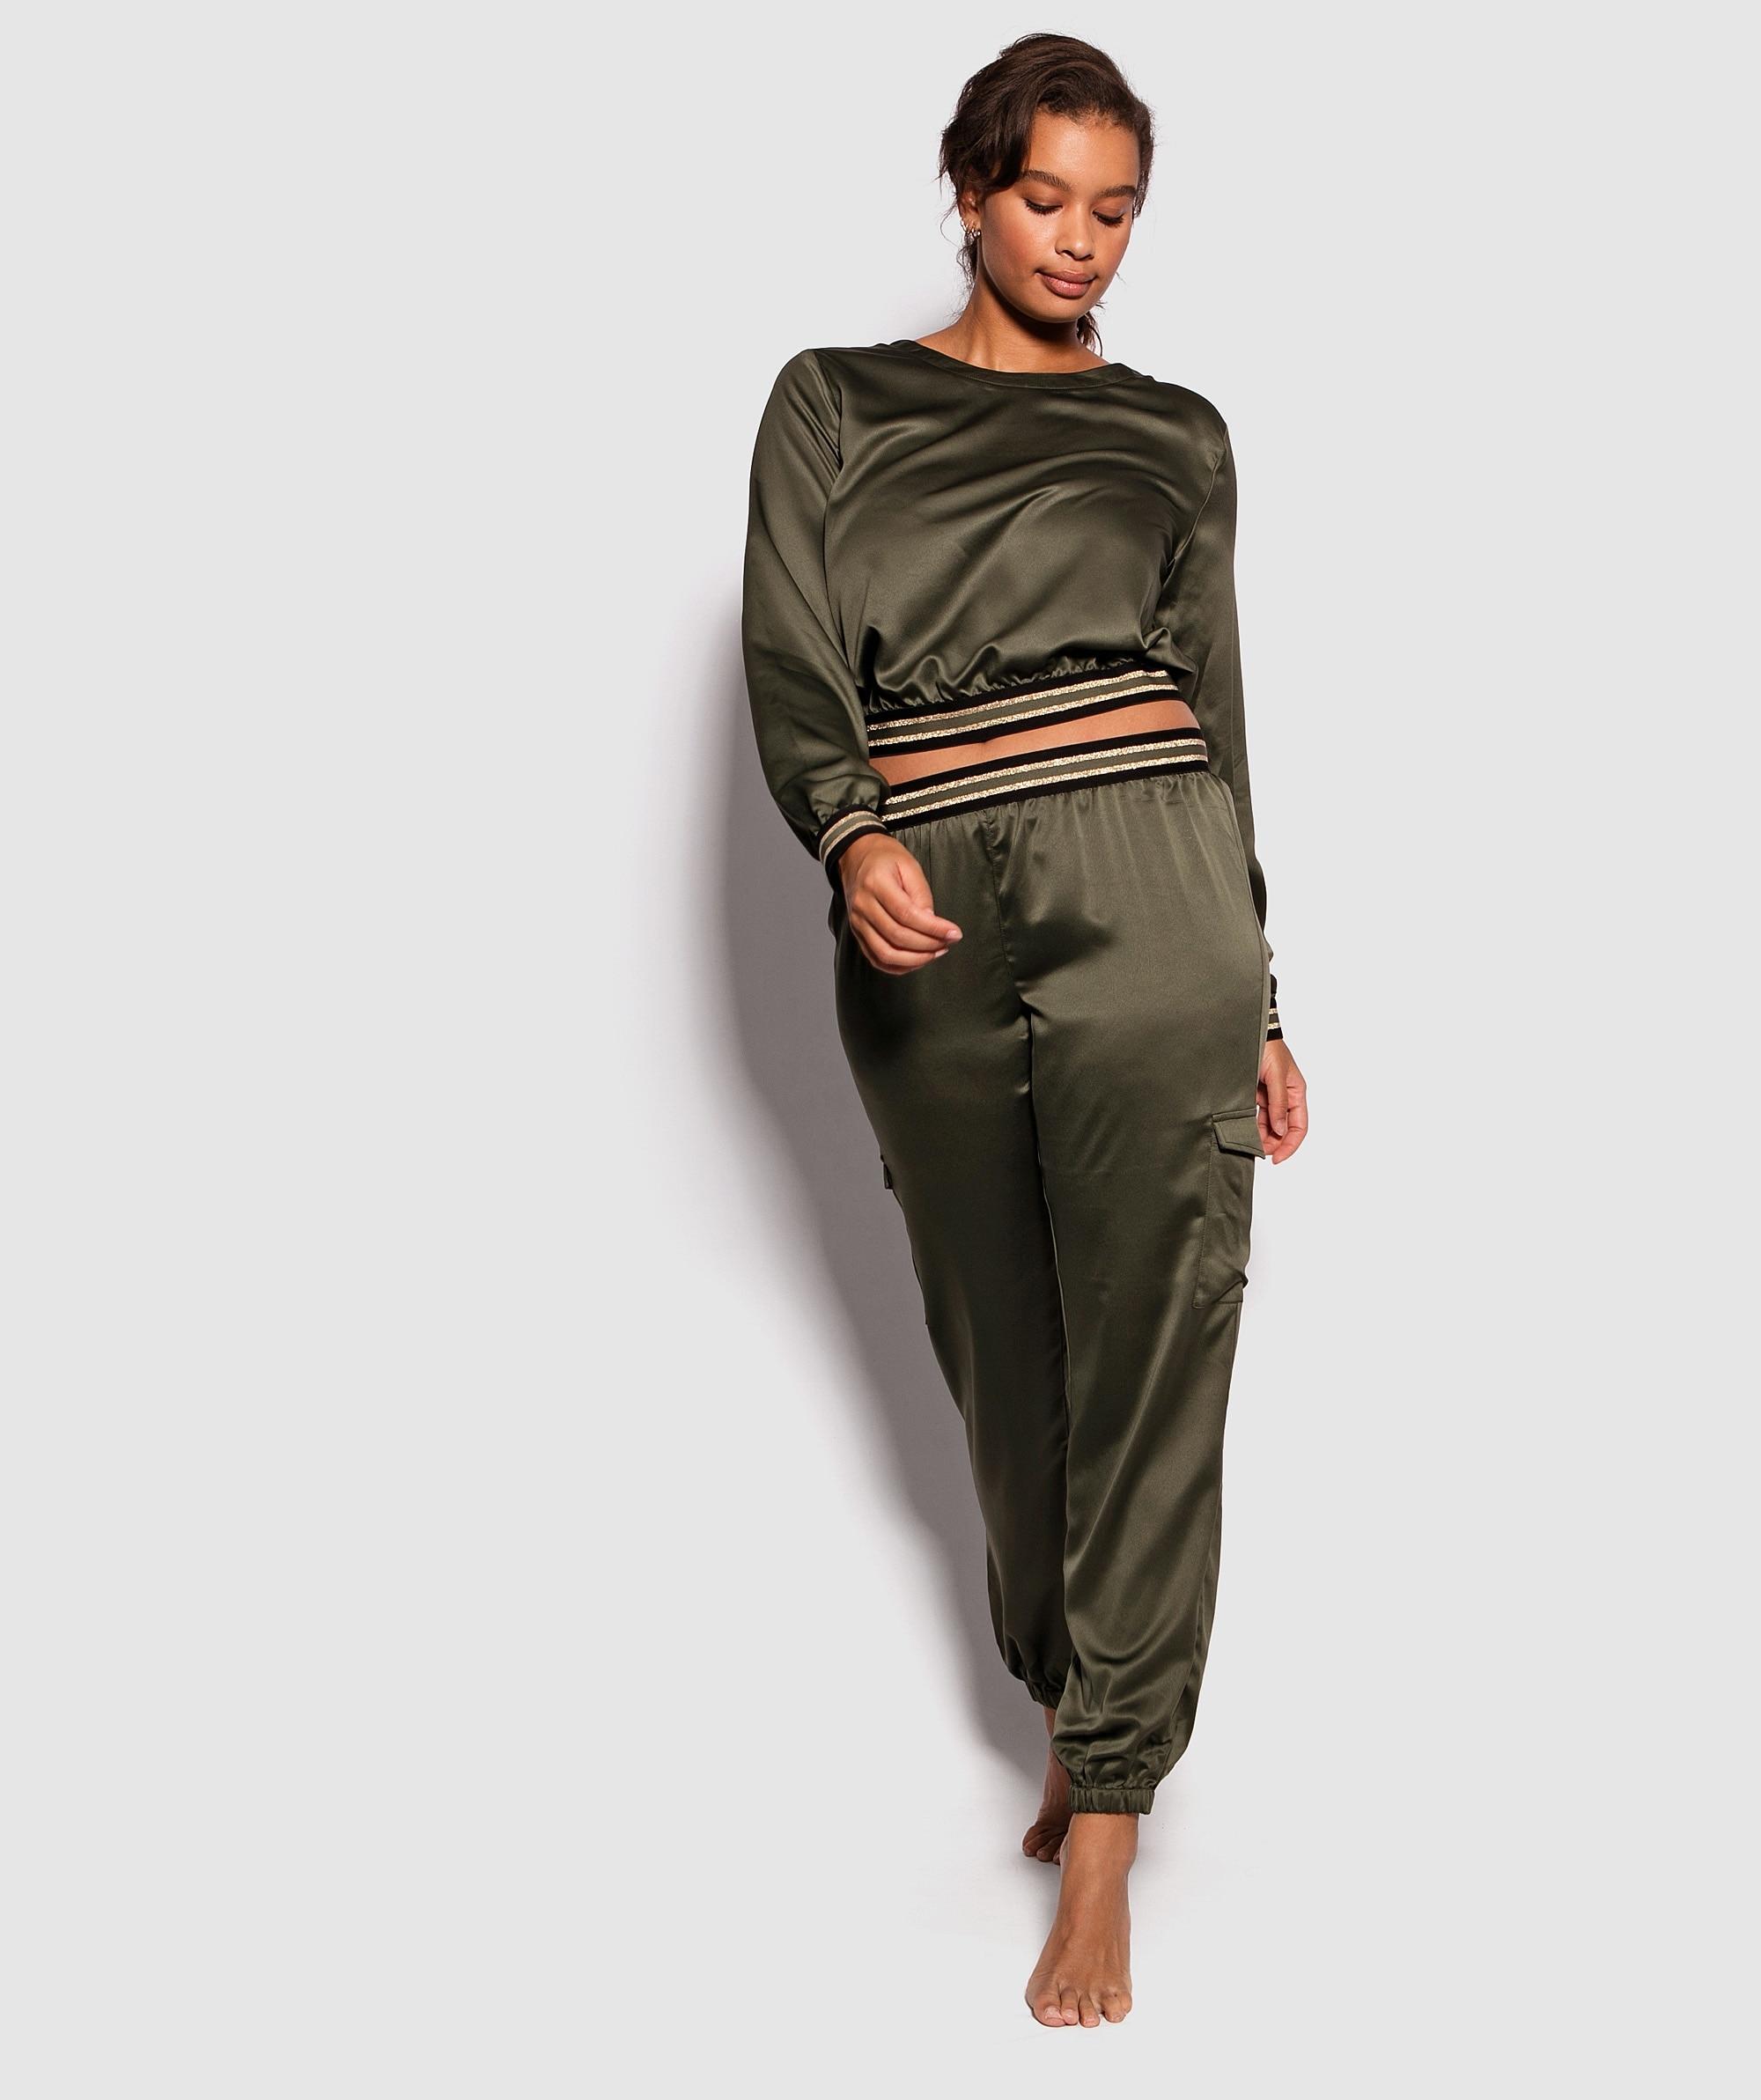 Oasis Long Sleeve Top - Dark Green